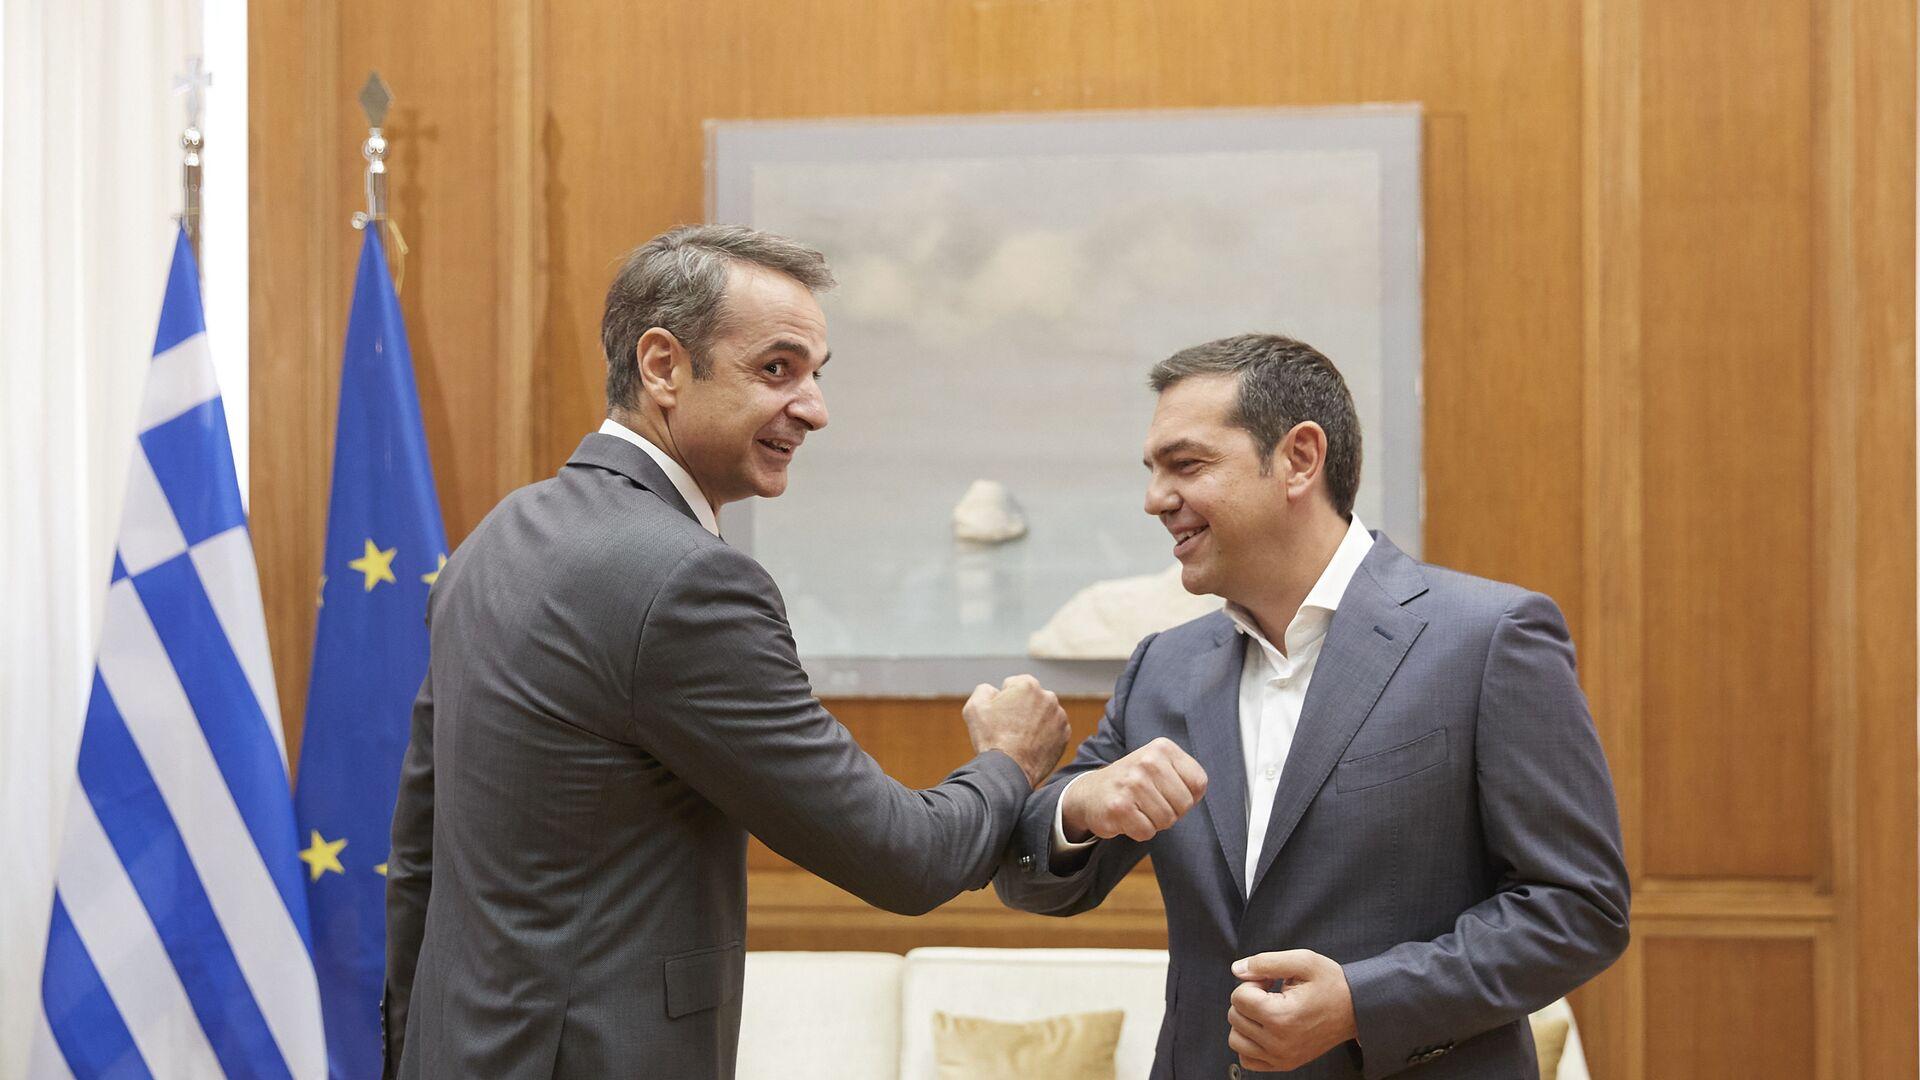 Κυριάκος Μητσοτάκης και Αλέξης Τσίπρας στο πλαίσιο της ενημέρωσης των πολιτικών αρχηγών για Τουρκία και Ταμείο Ανάκαμψης, 23 Ιουλίου 2020 - Sputnik Ελλάδα, 1920, 20.09.2021